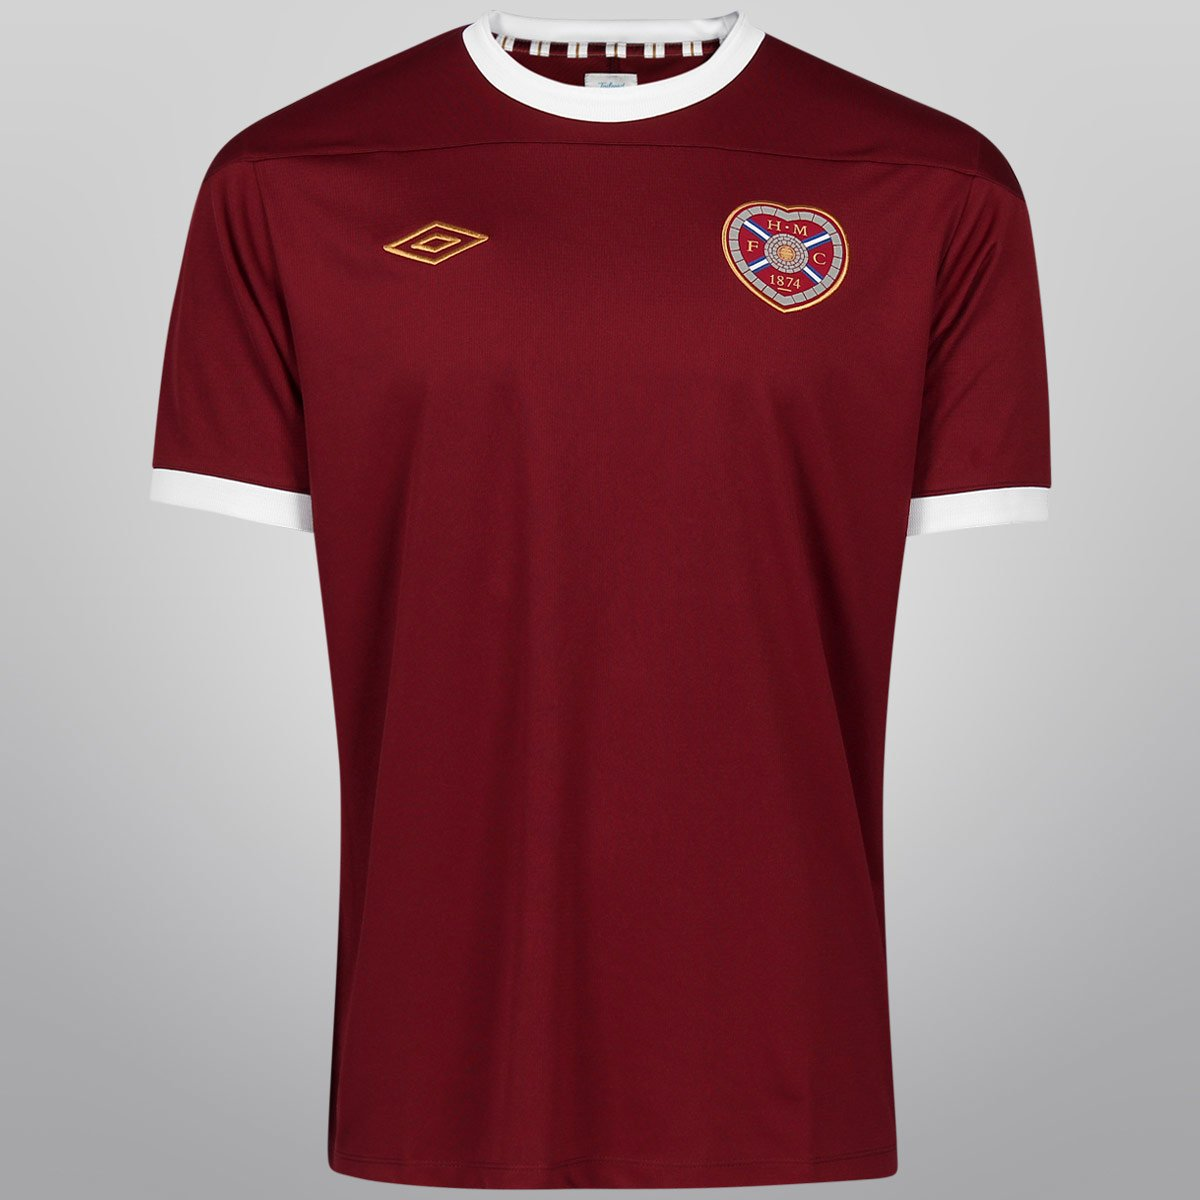 49141526a9 Camisa Umbro Hearts Home 11 12 s n° - Compre Agora